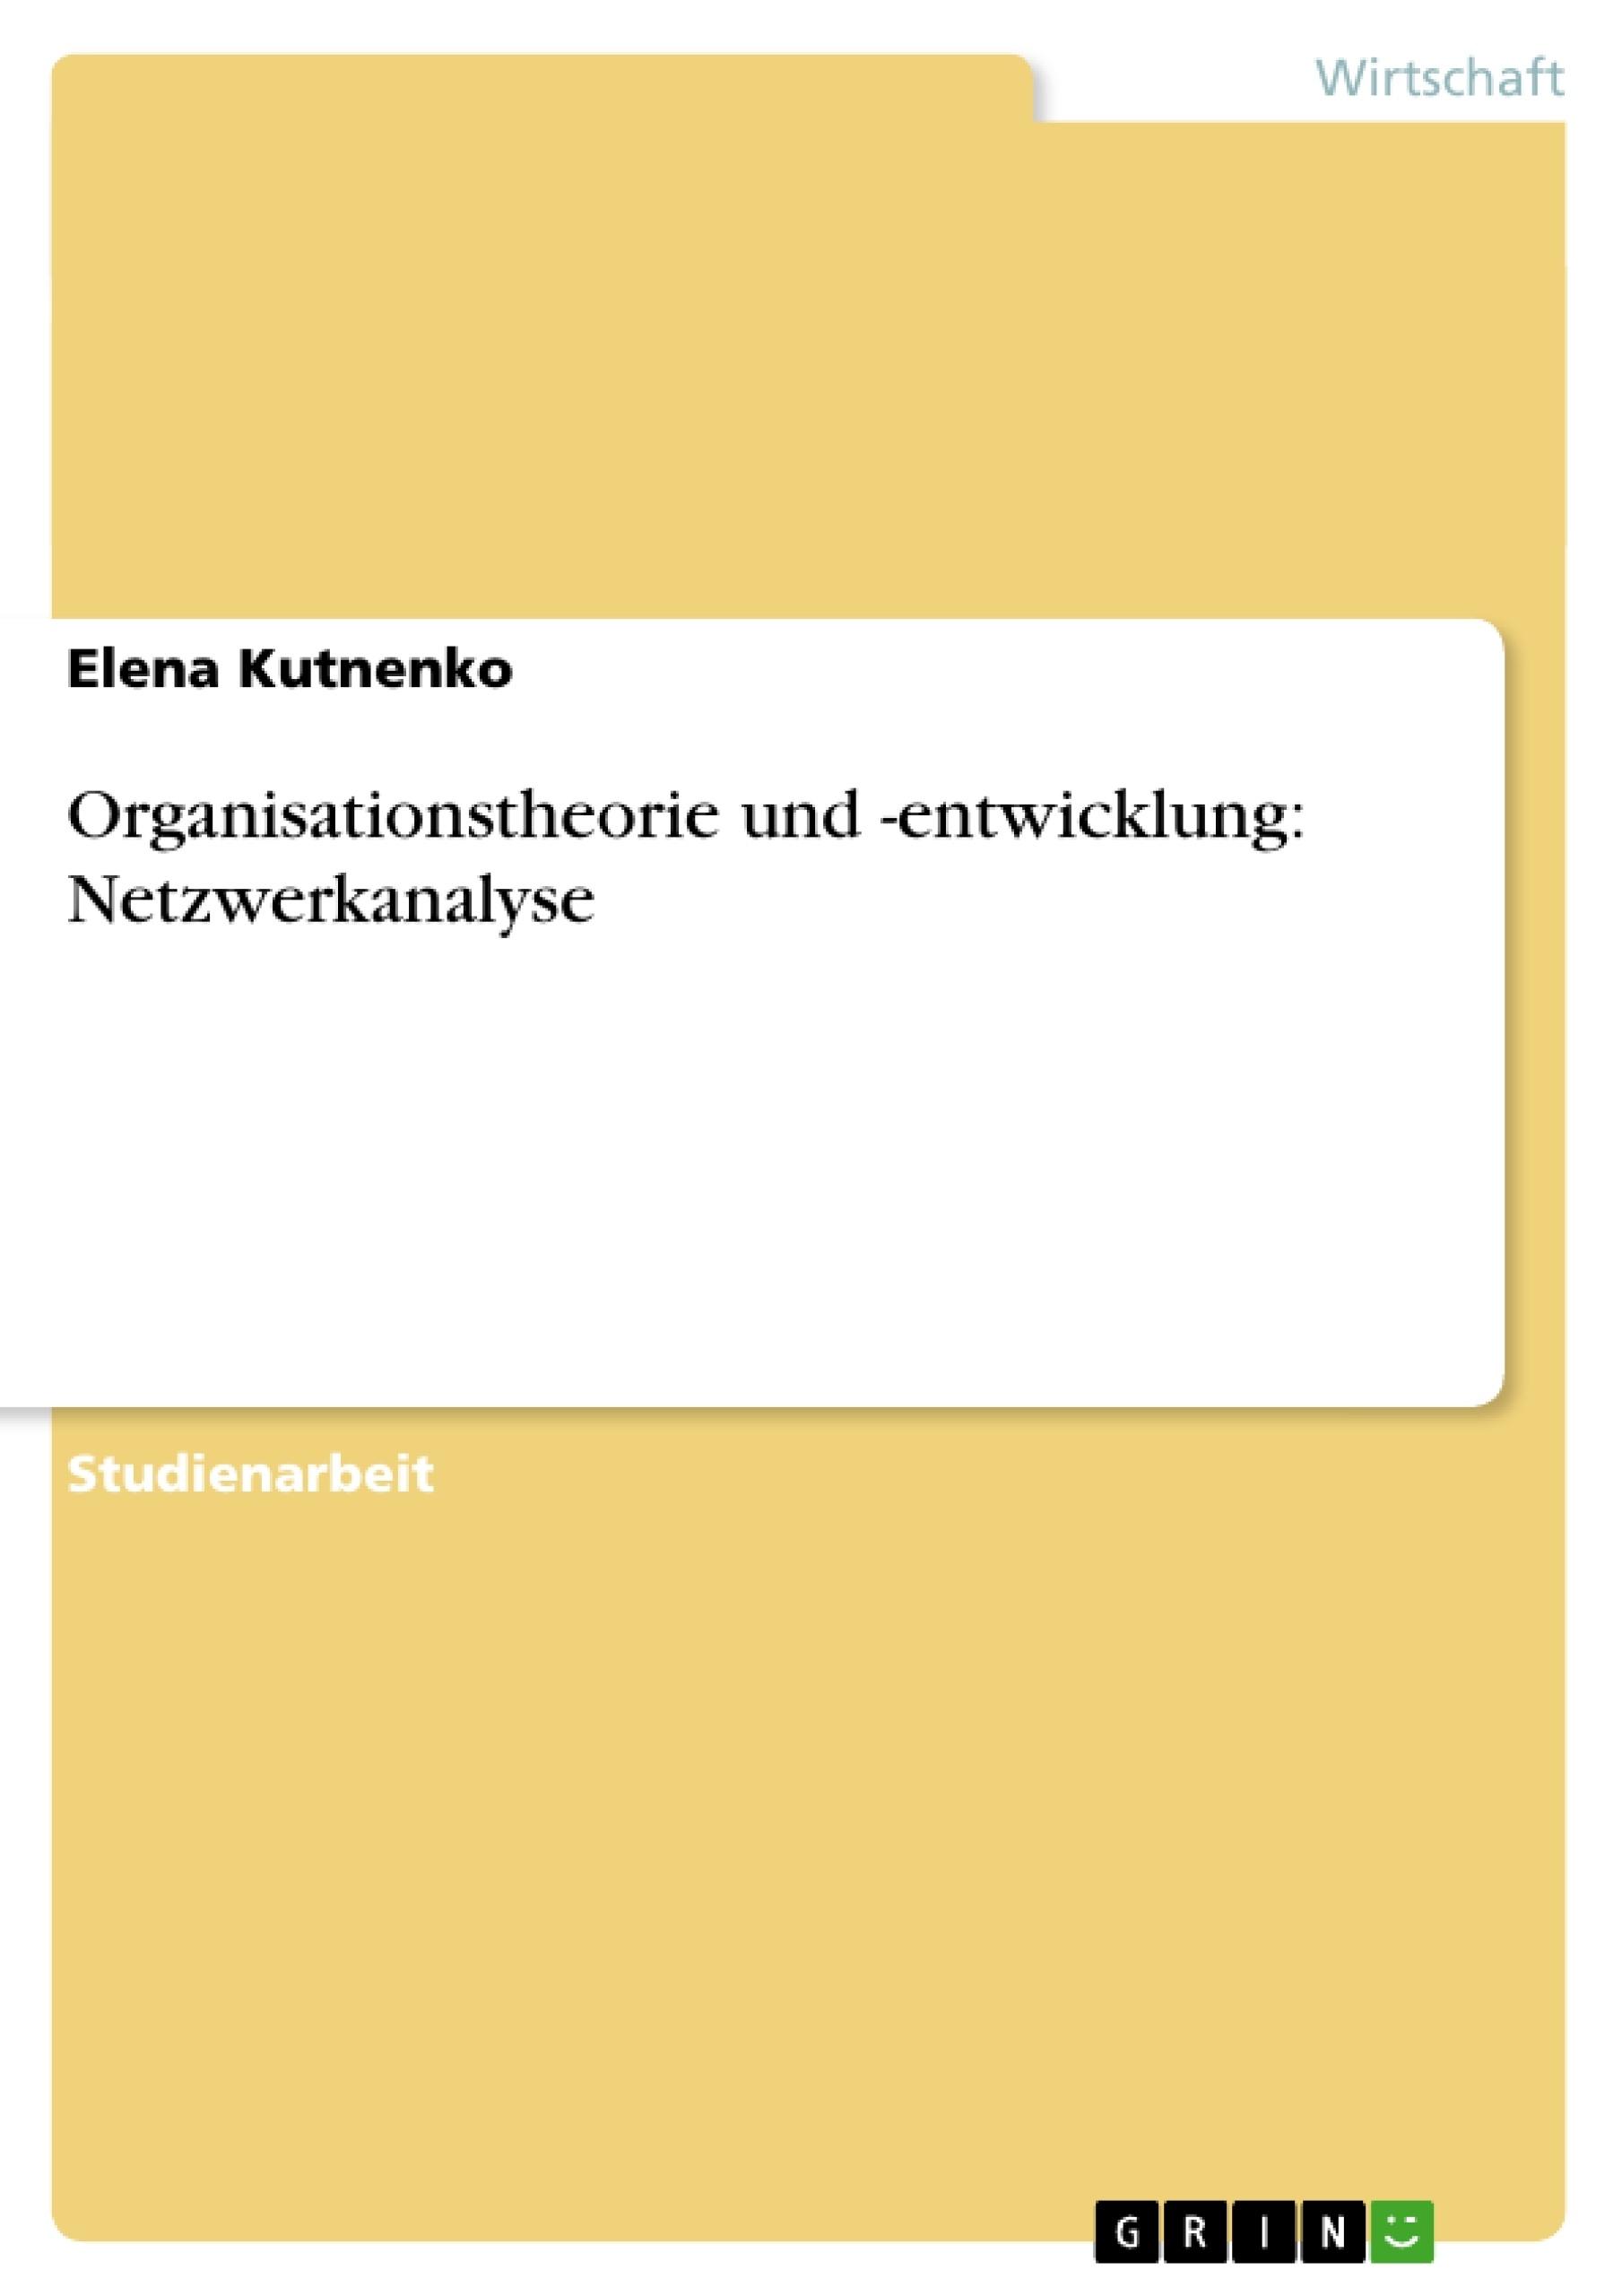 Titel: Organisationstheorie und -entwicklung: Netzwerkanalyse